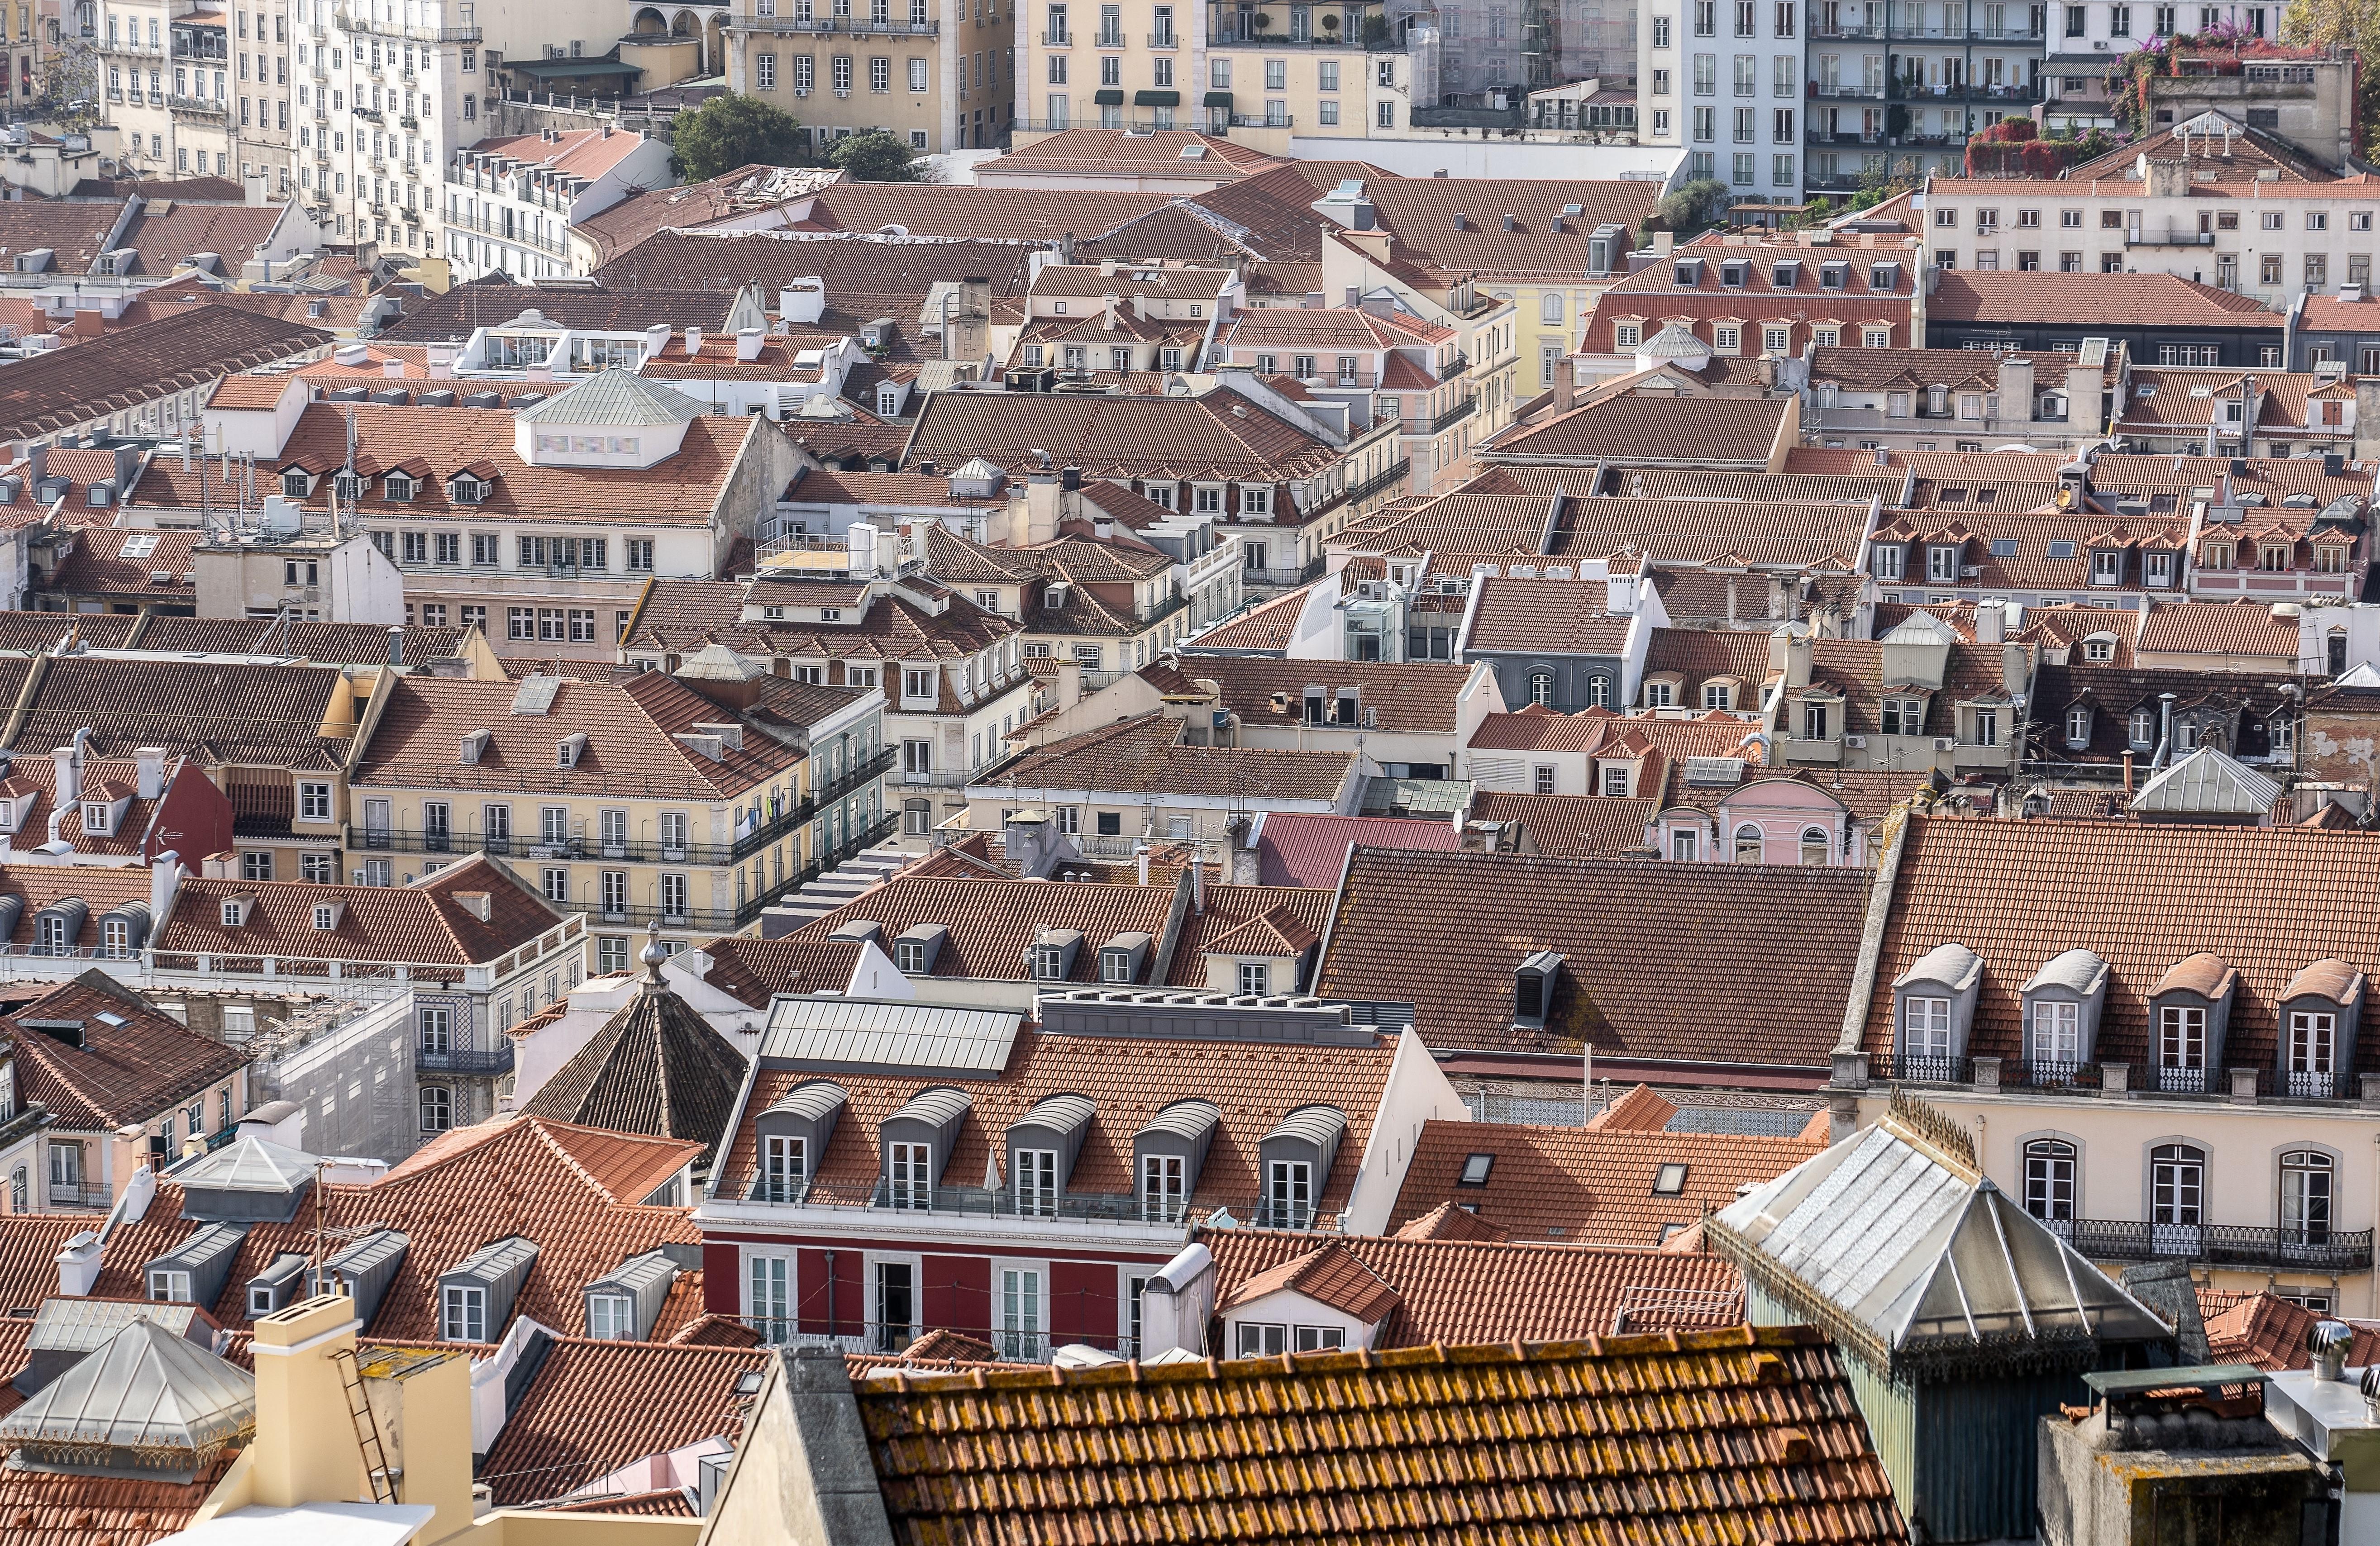 Mercado de arrendamento aumenta com 43 mil novas casas